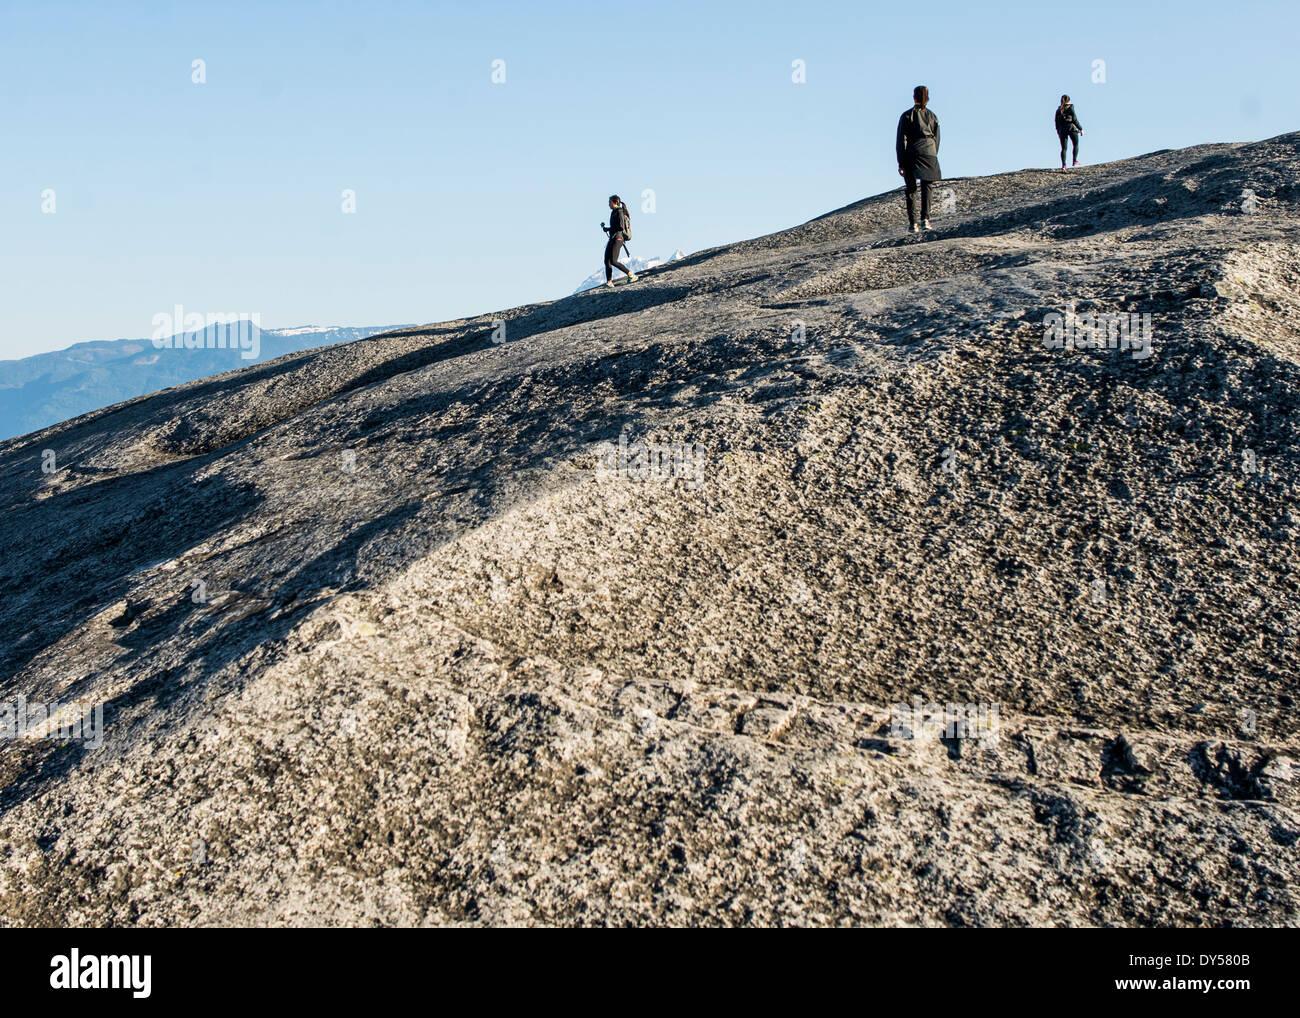 Drei junge weibliche Wanderer auf Felsen, Squamish, British Columbia, Kanada Stockbild